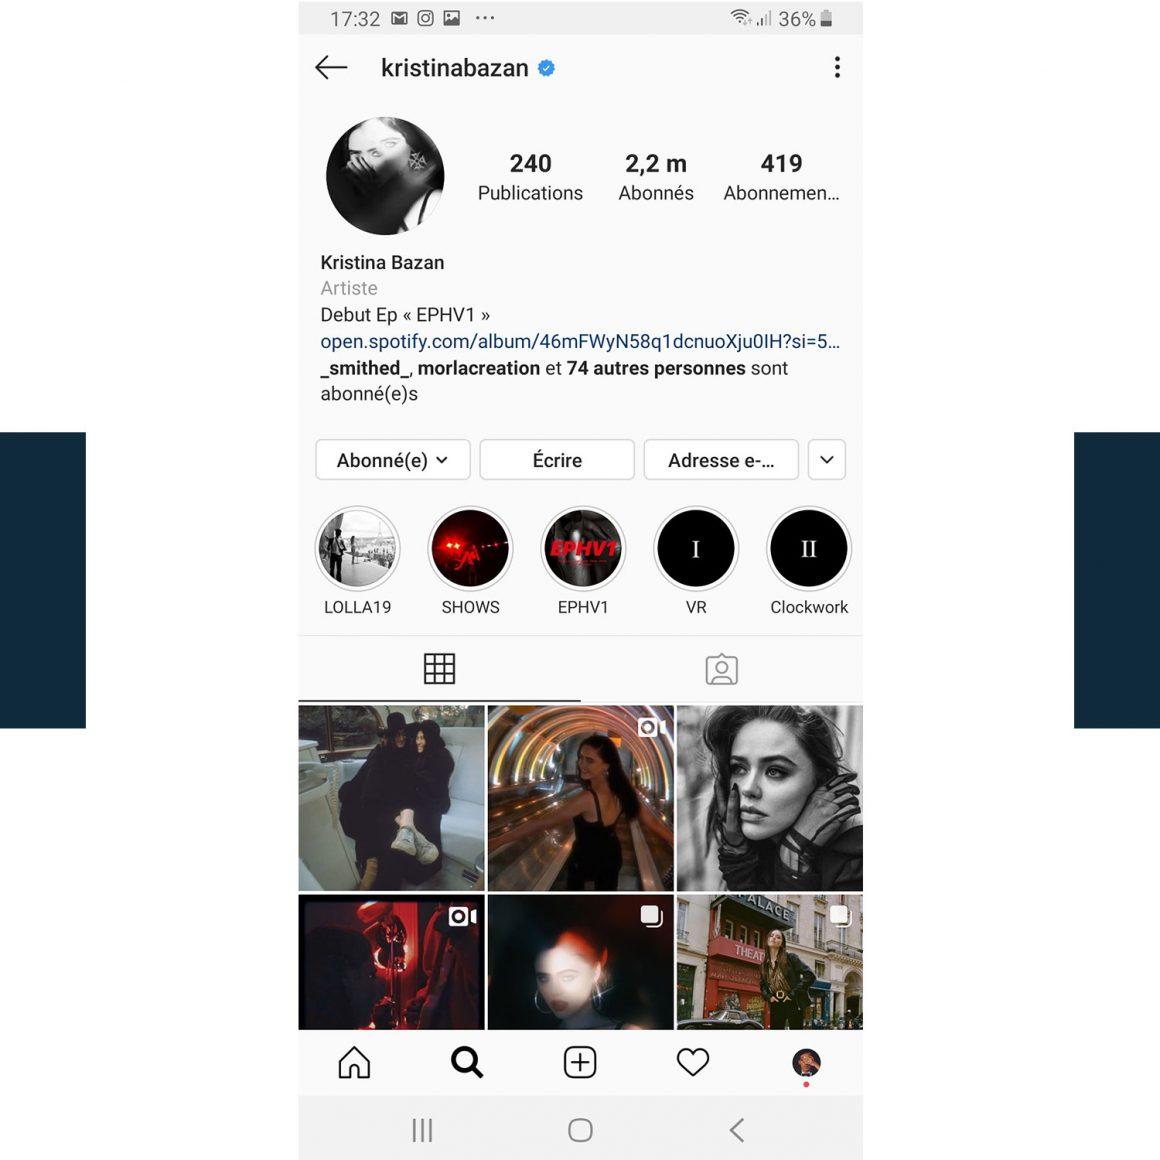 Capture d'écran du compte Instagram de Kristina Bazan